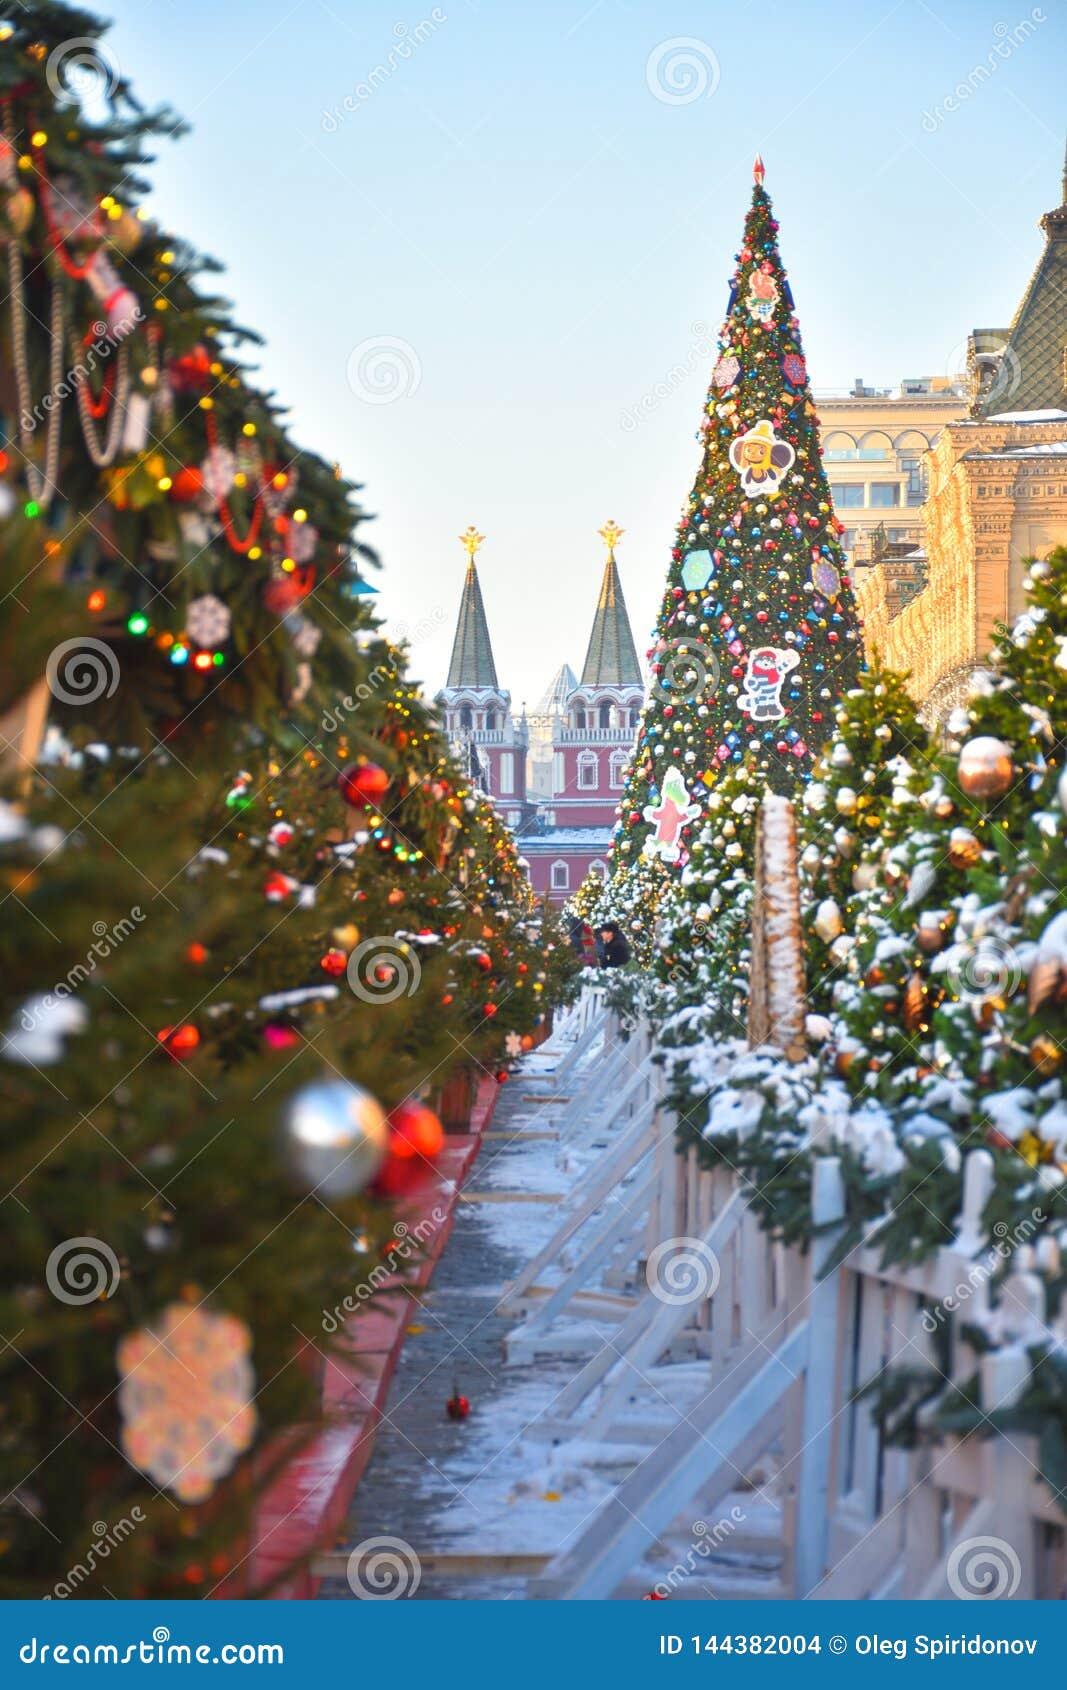 Рождественская елка с игрушками на красной площади в Москве